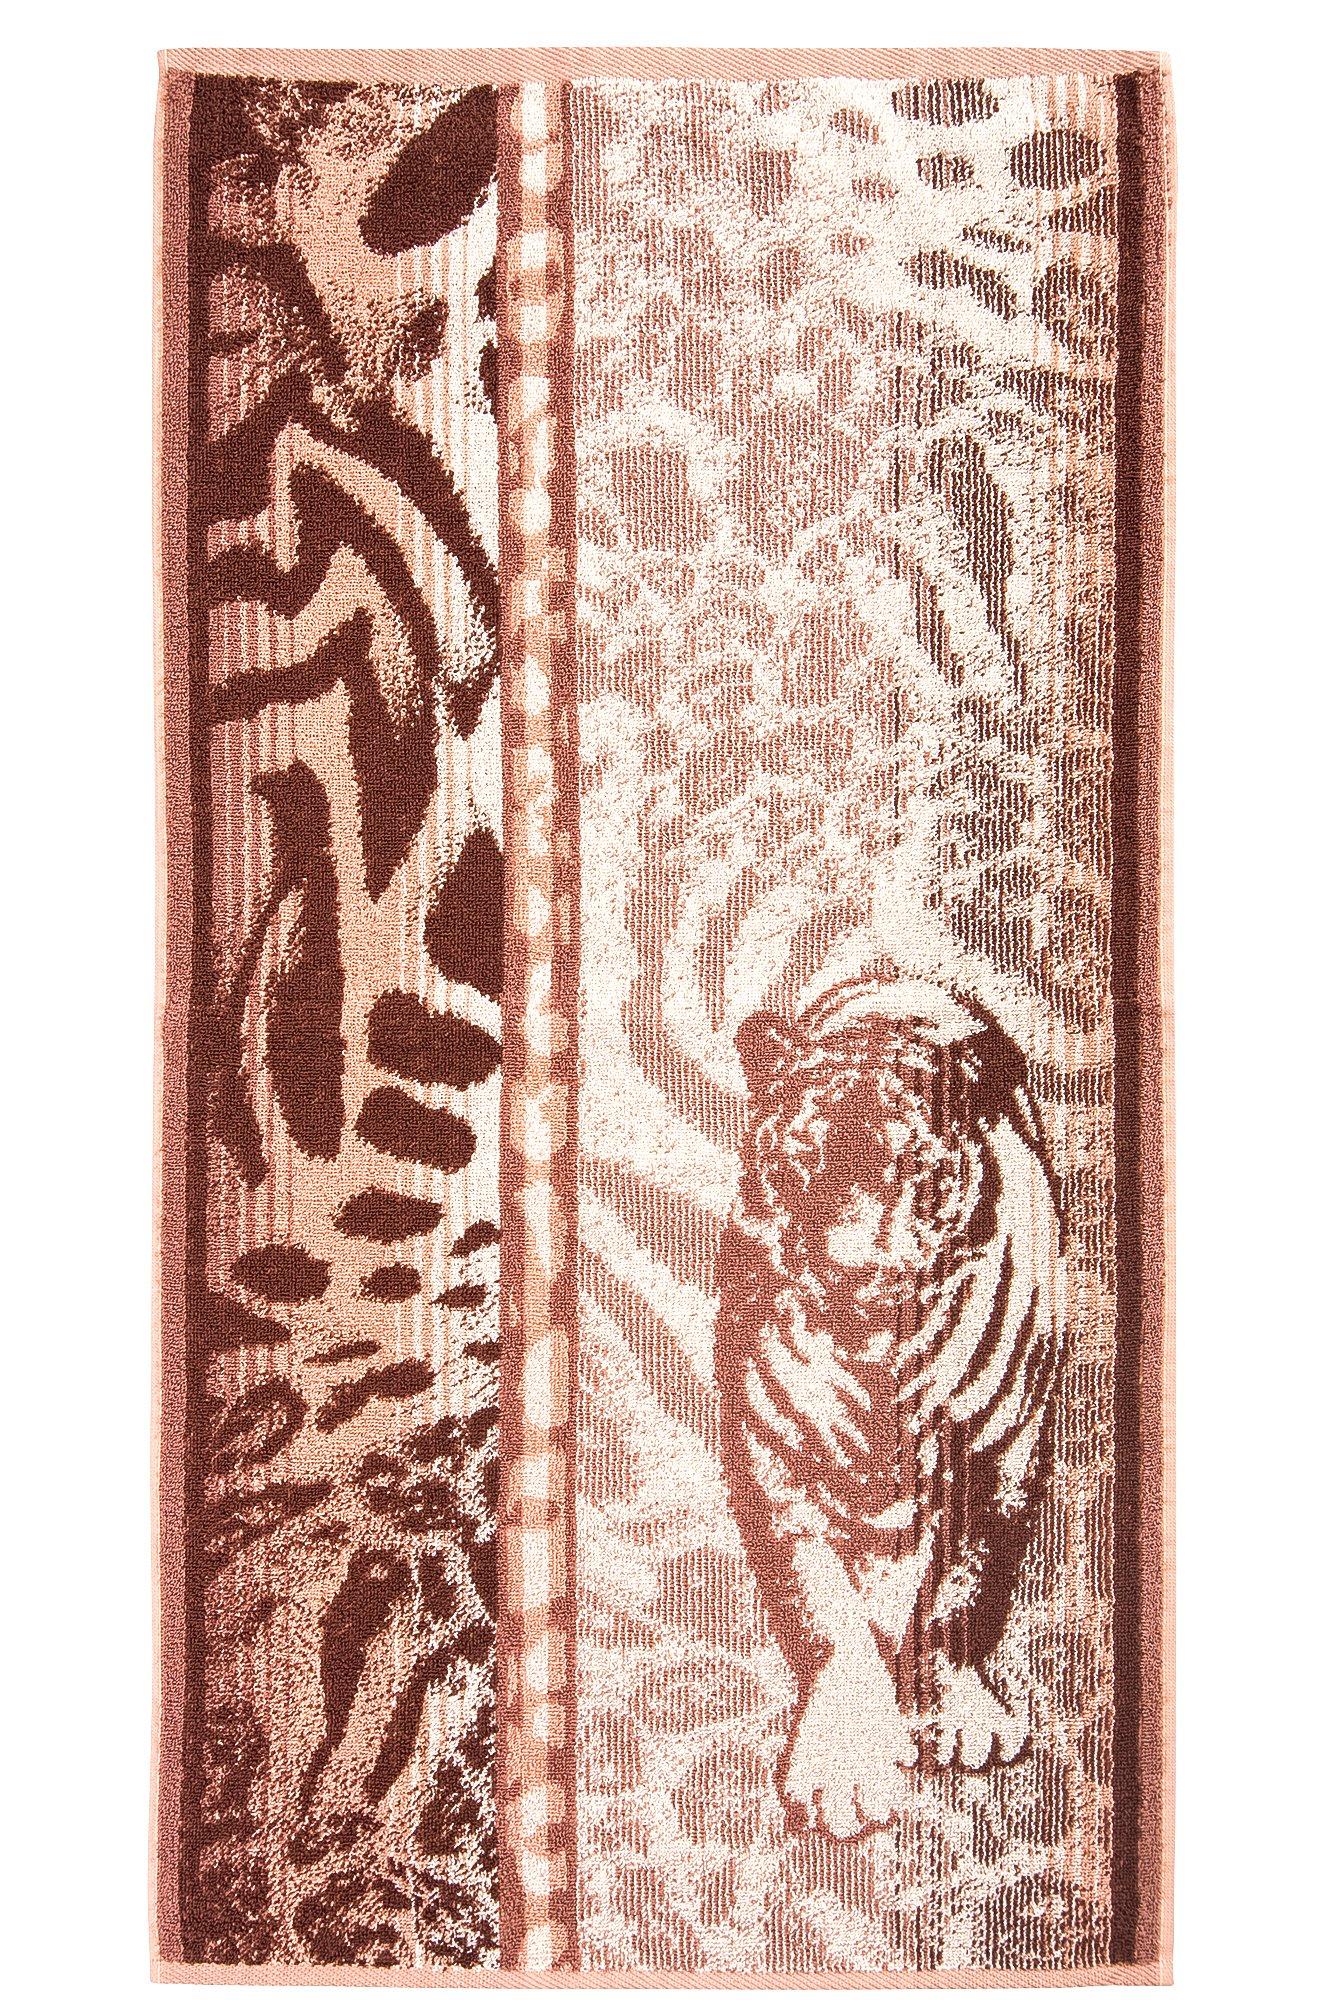 Полотенце для лица, рук или ног Авангард 35707_1, разноцветный авангард полотенце махровое пестротканое жаккардовое доченьке